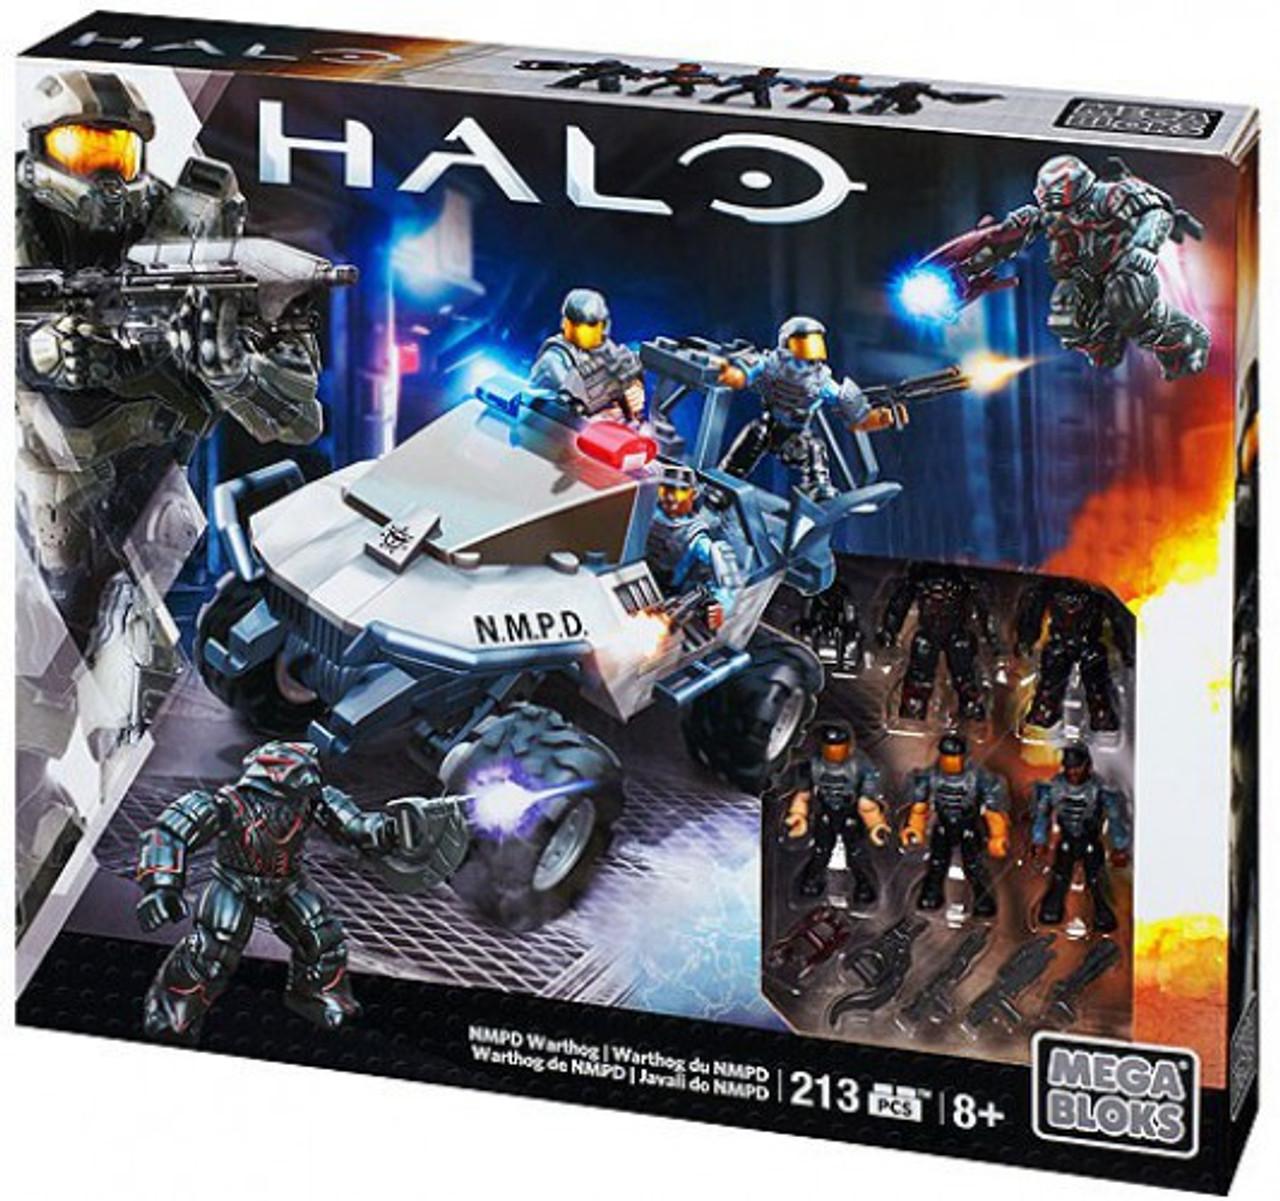 Mega Bloks Halo NMPD Warthog Set #38175